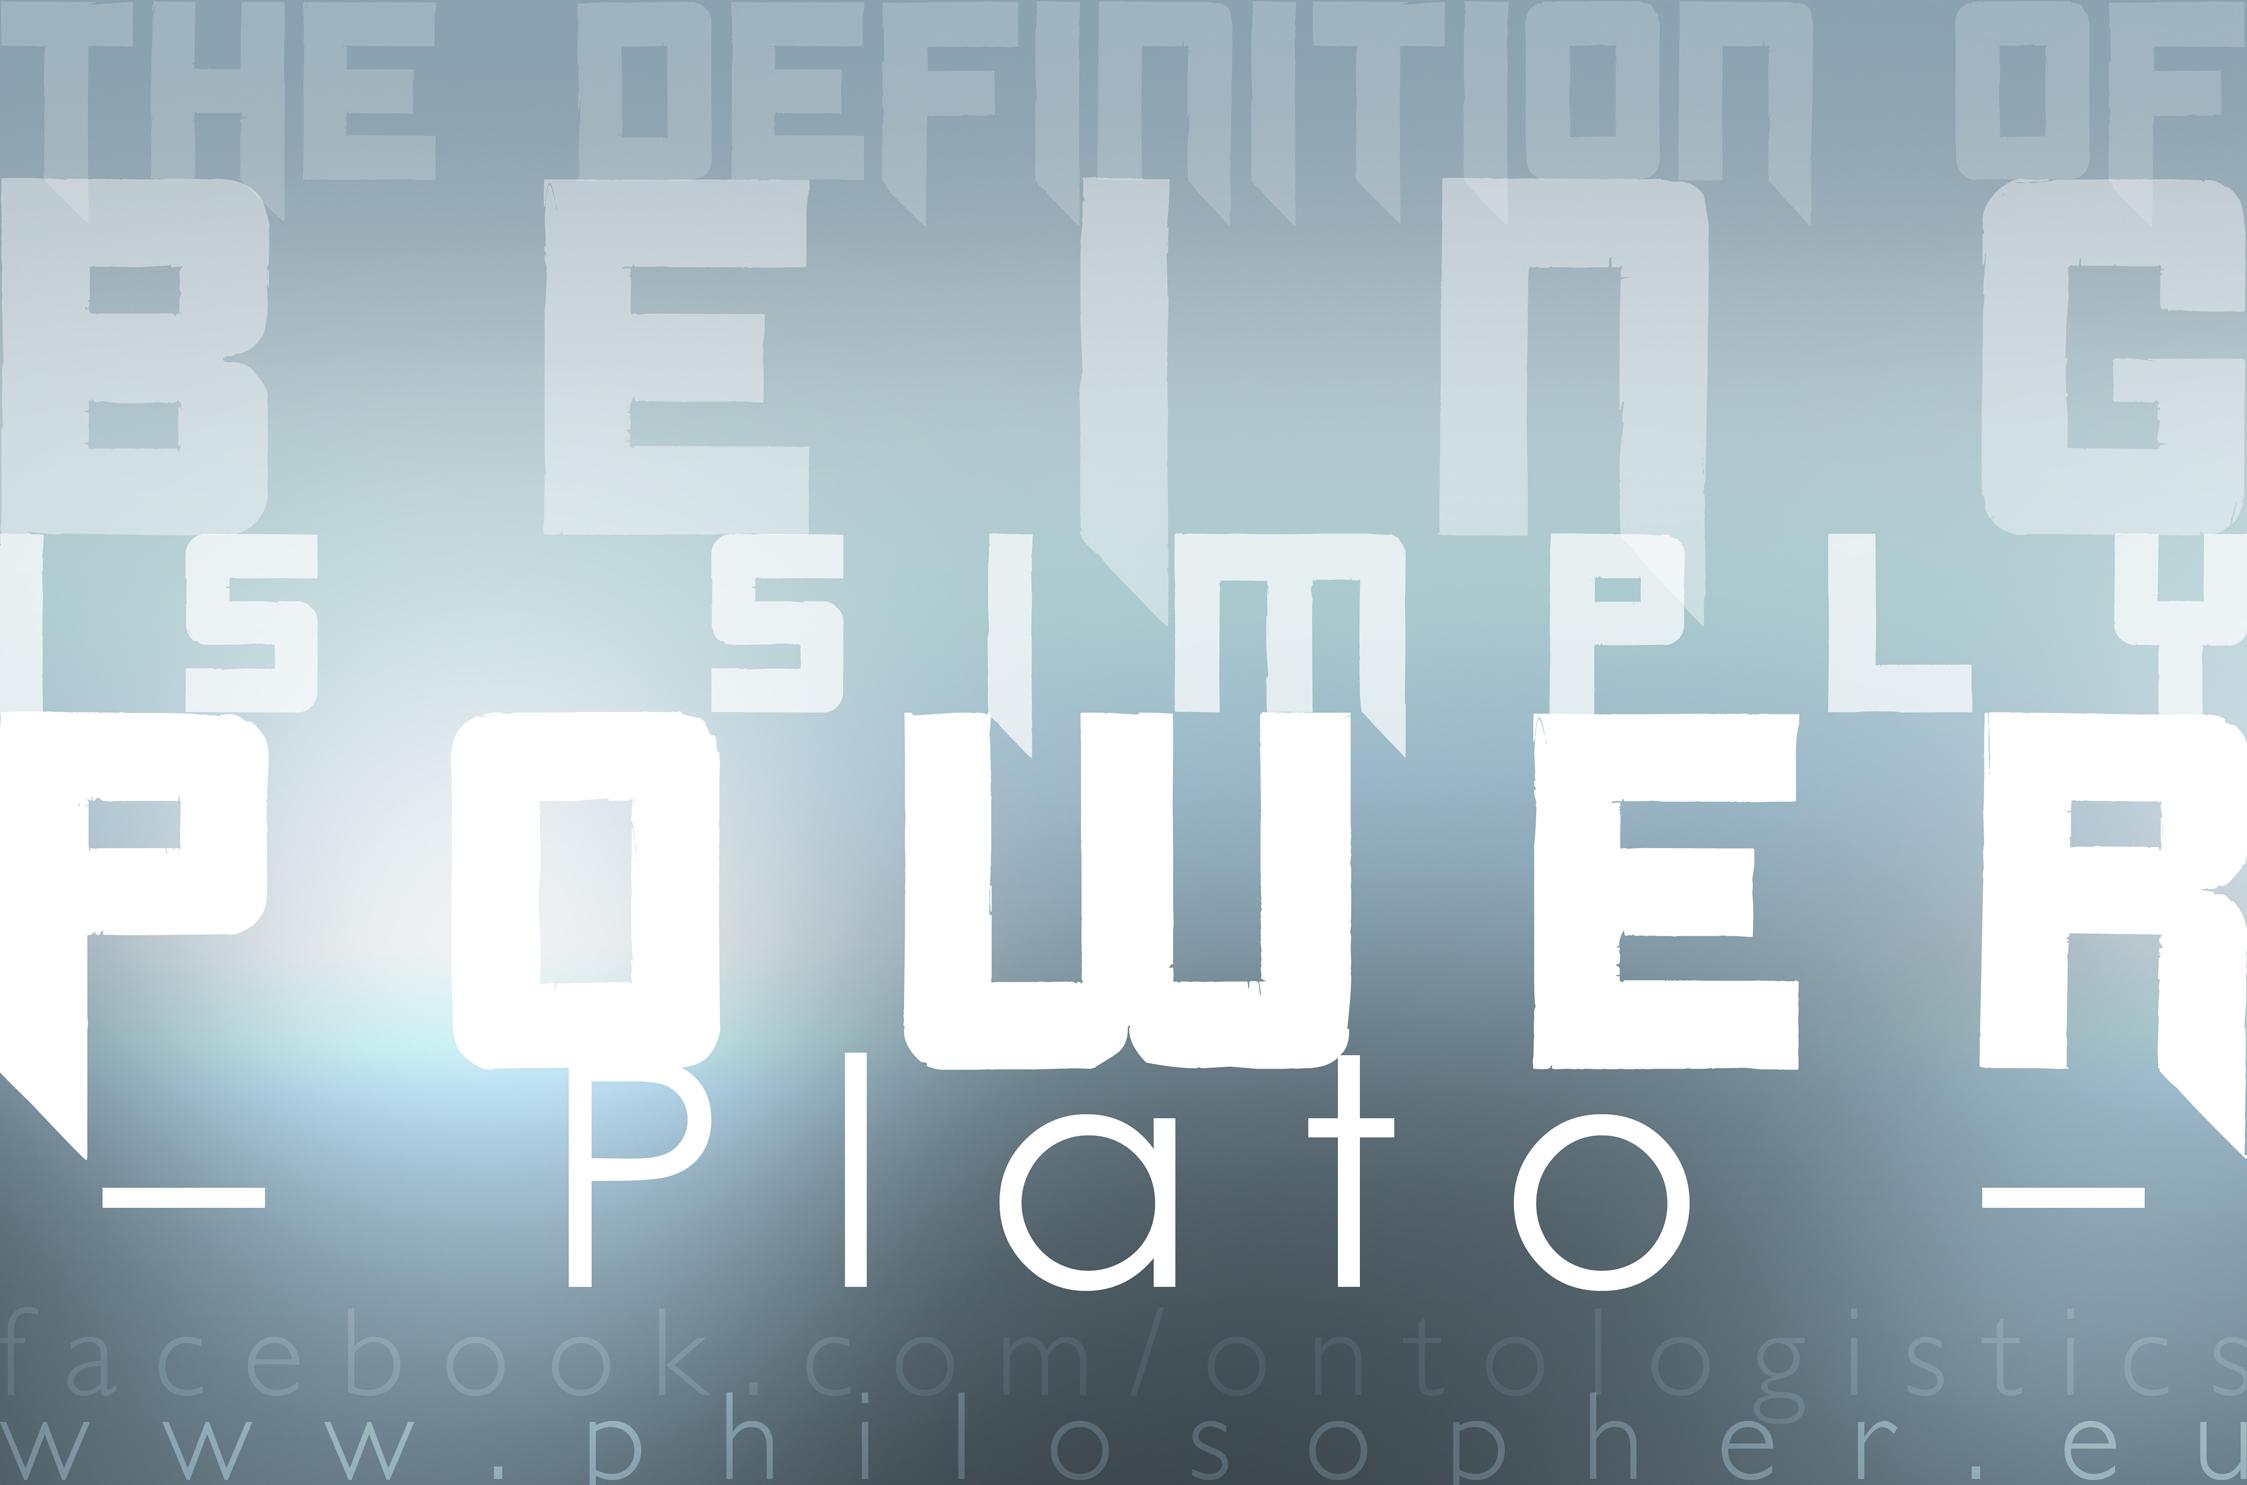 the definition of being is simply power plato sophist nietzsche schopenhauer wille zur macht will to power